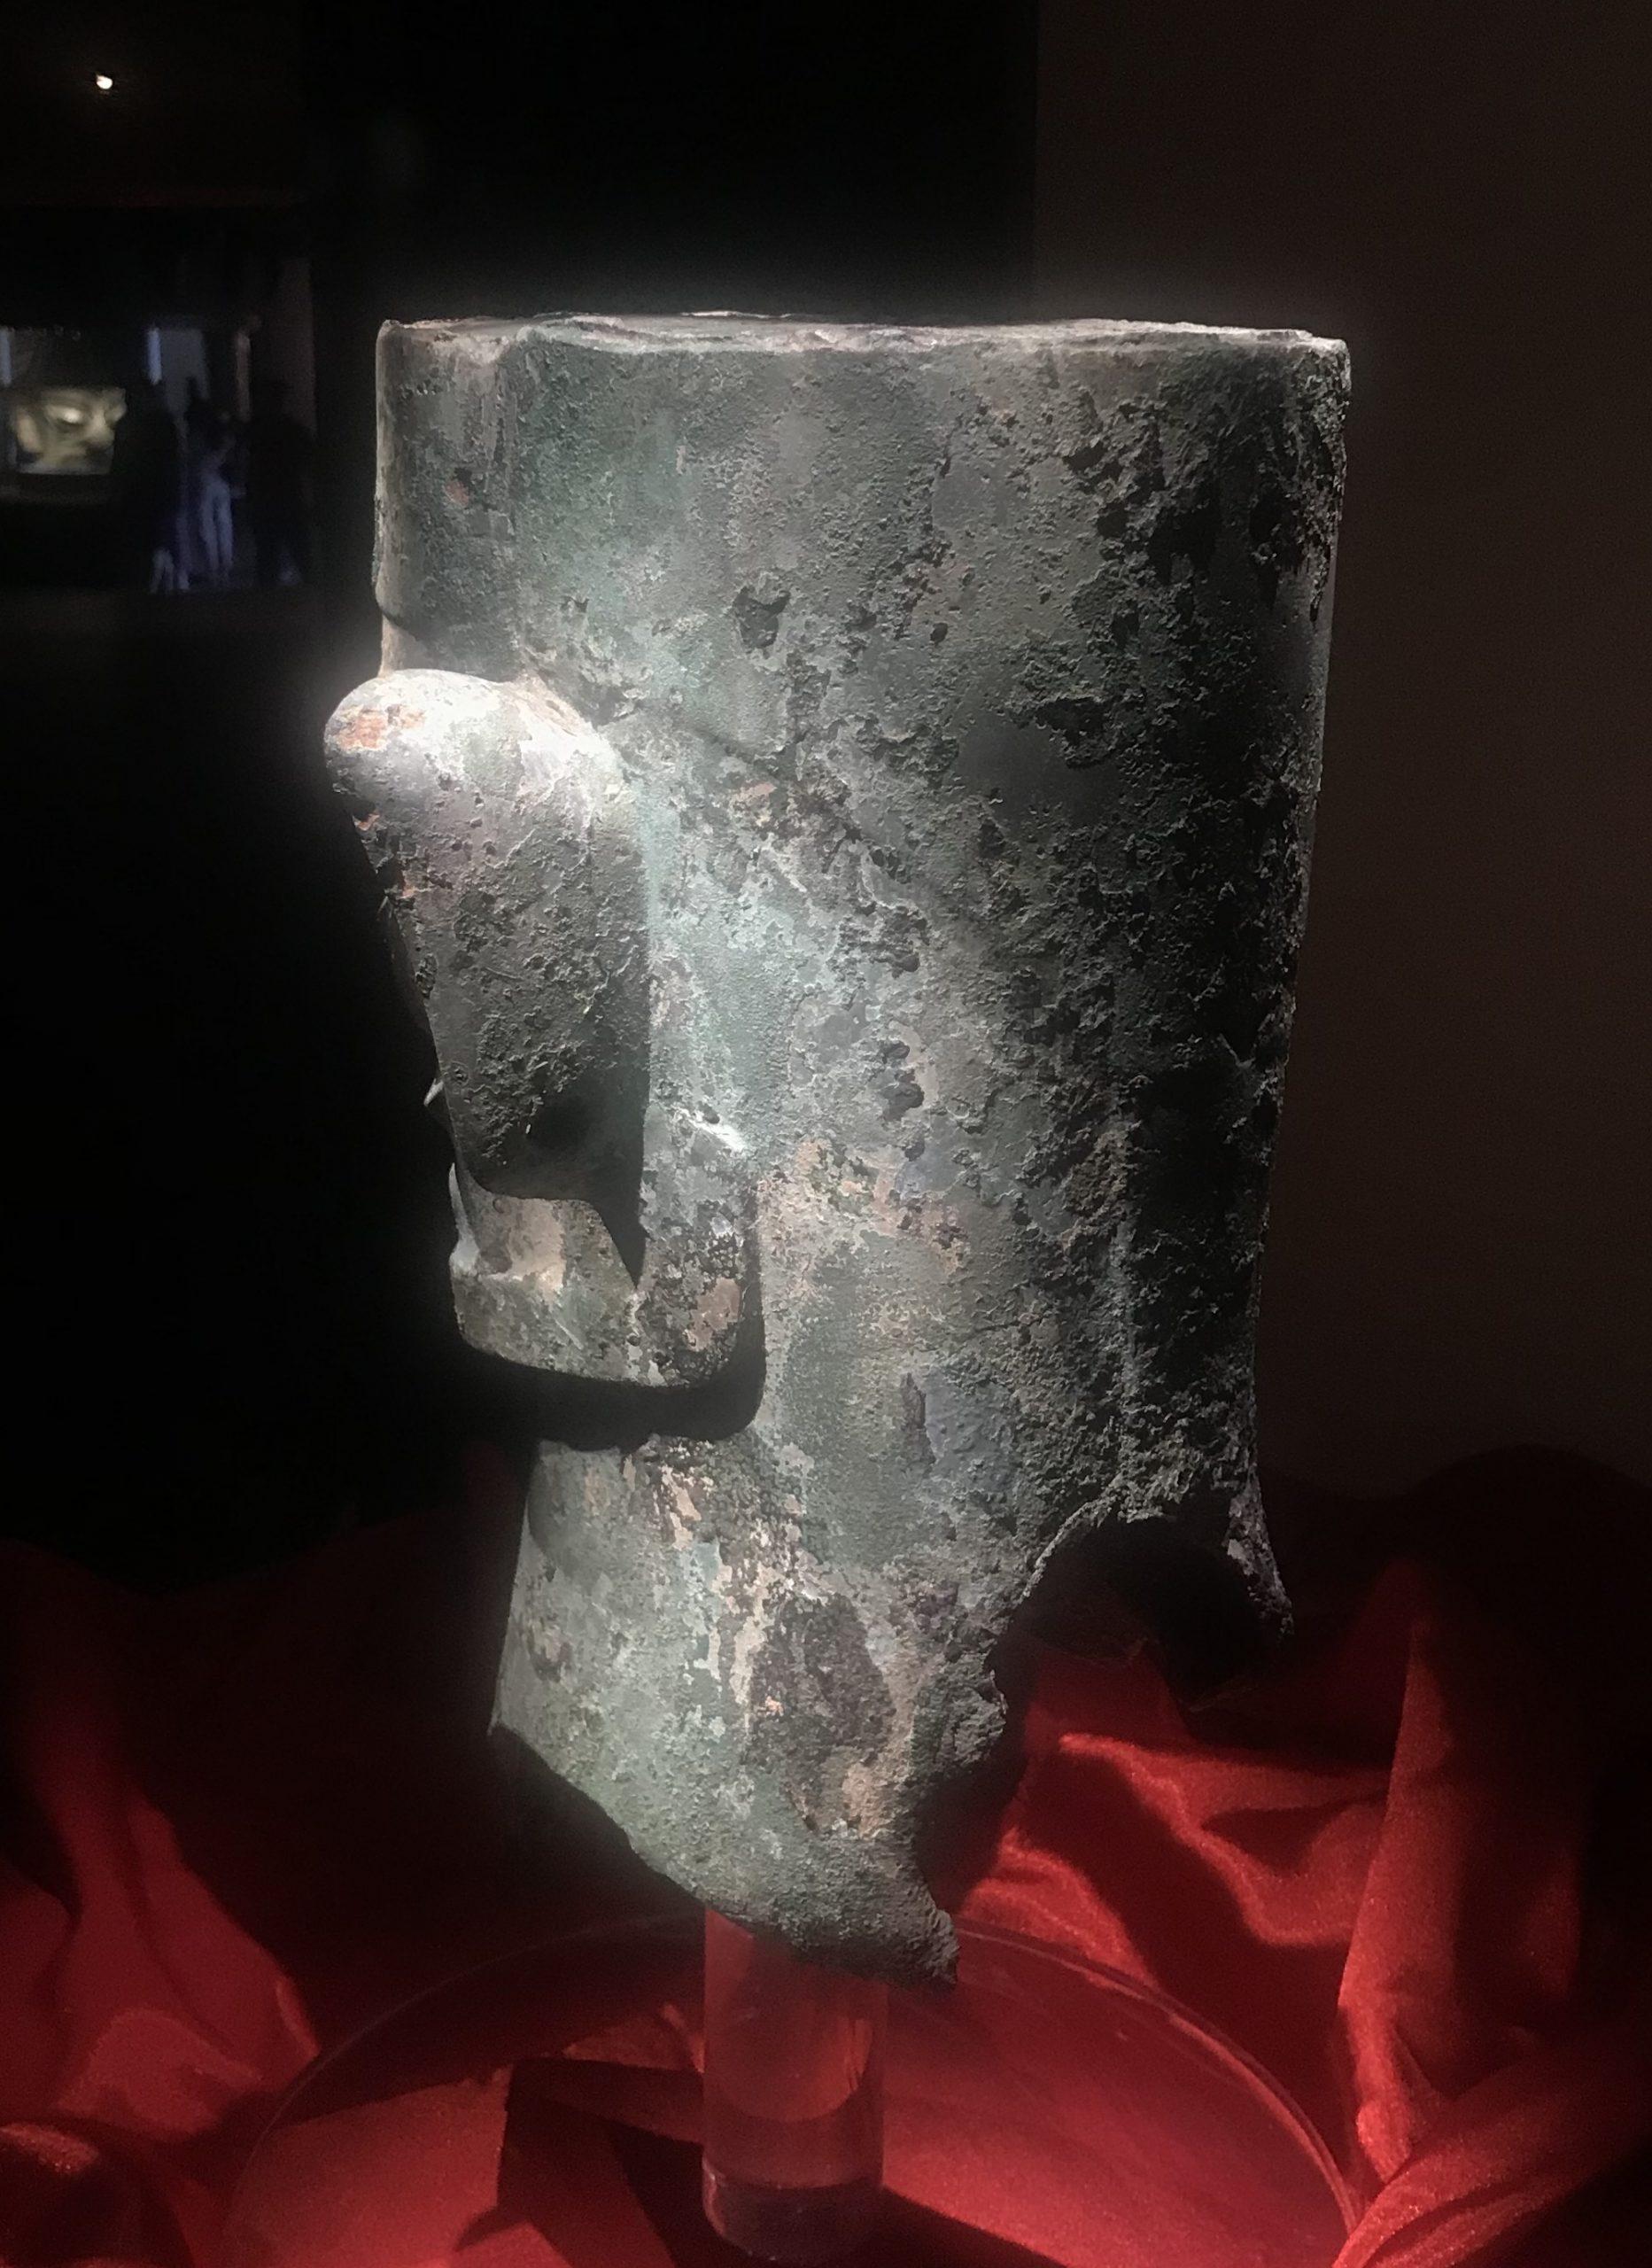 青銅人頭像15-青銅器館-三星堆博物館-広漢市-徳陽市-四川省